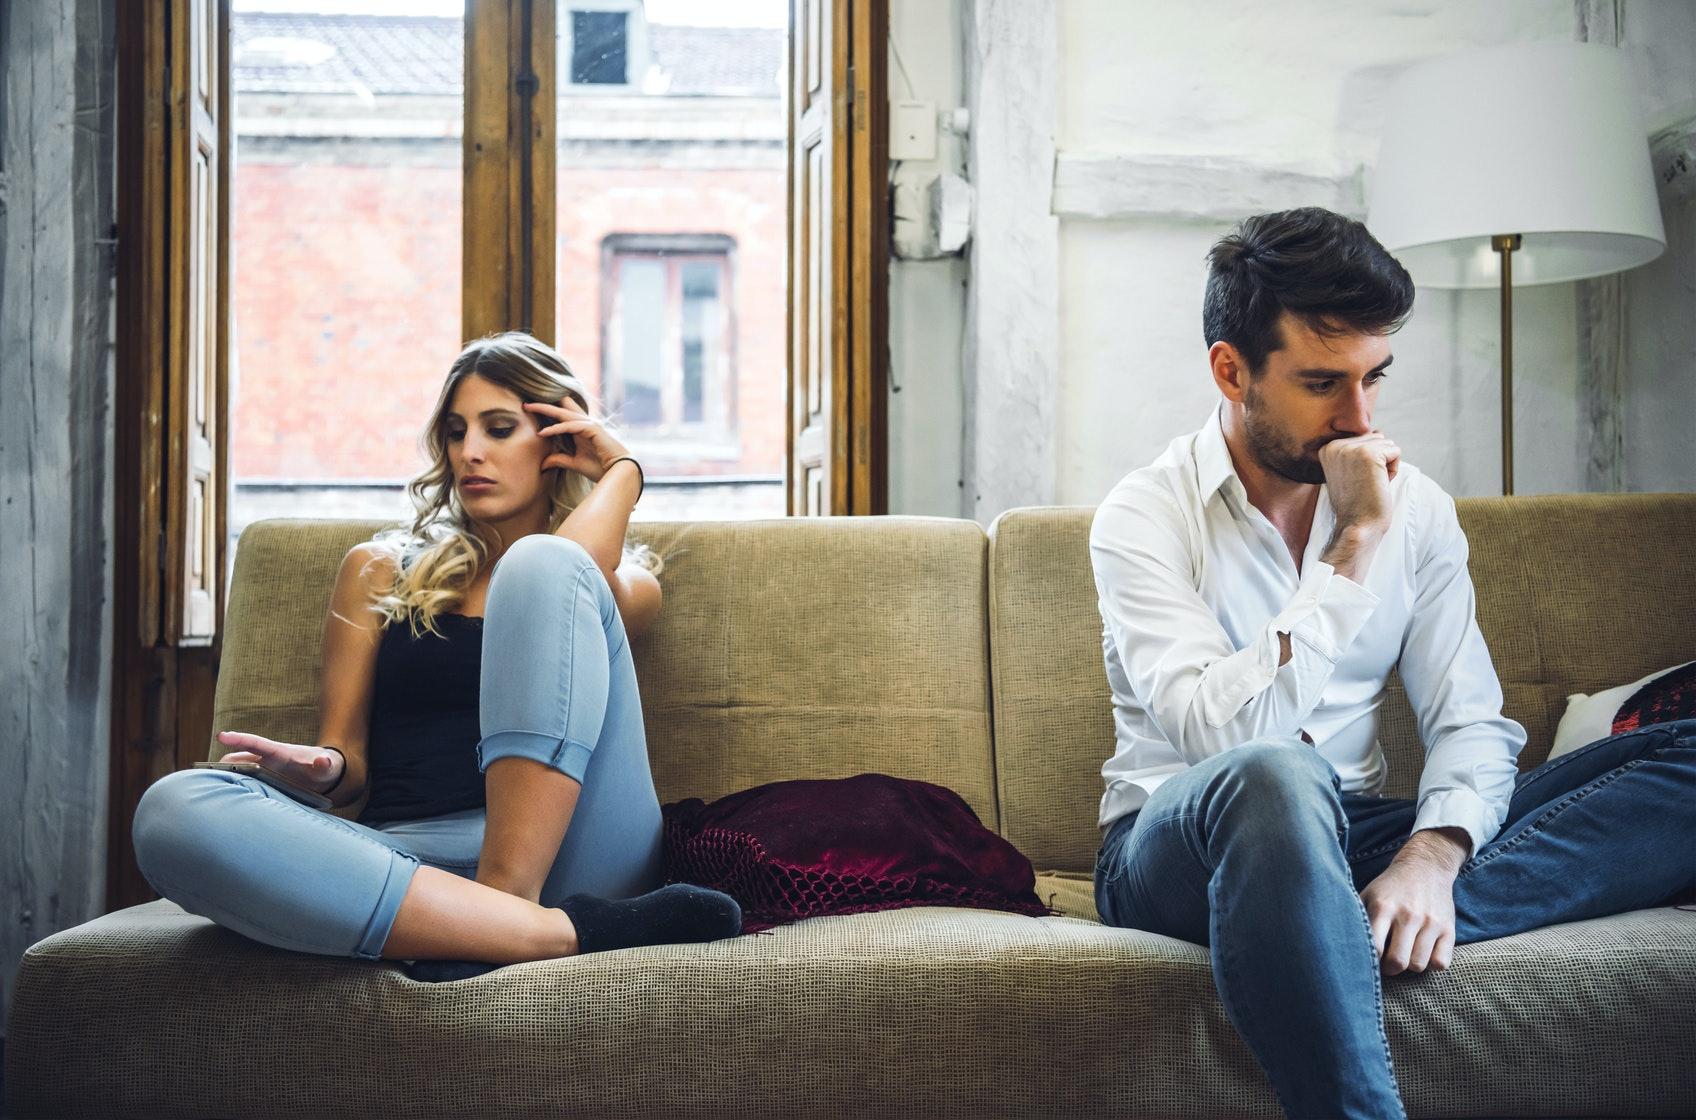 flirting vs cheating infidelity images 2017 images men